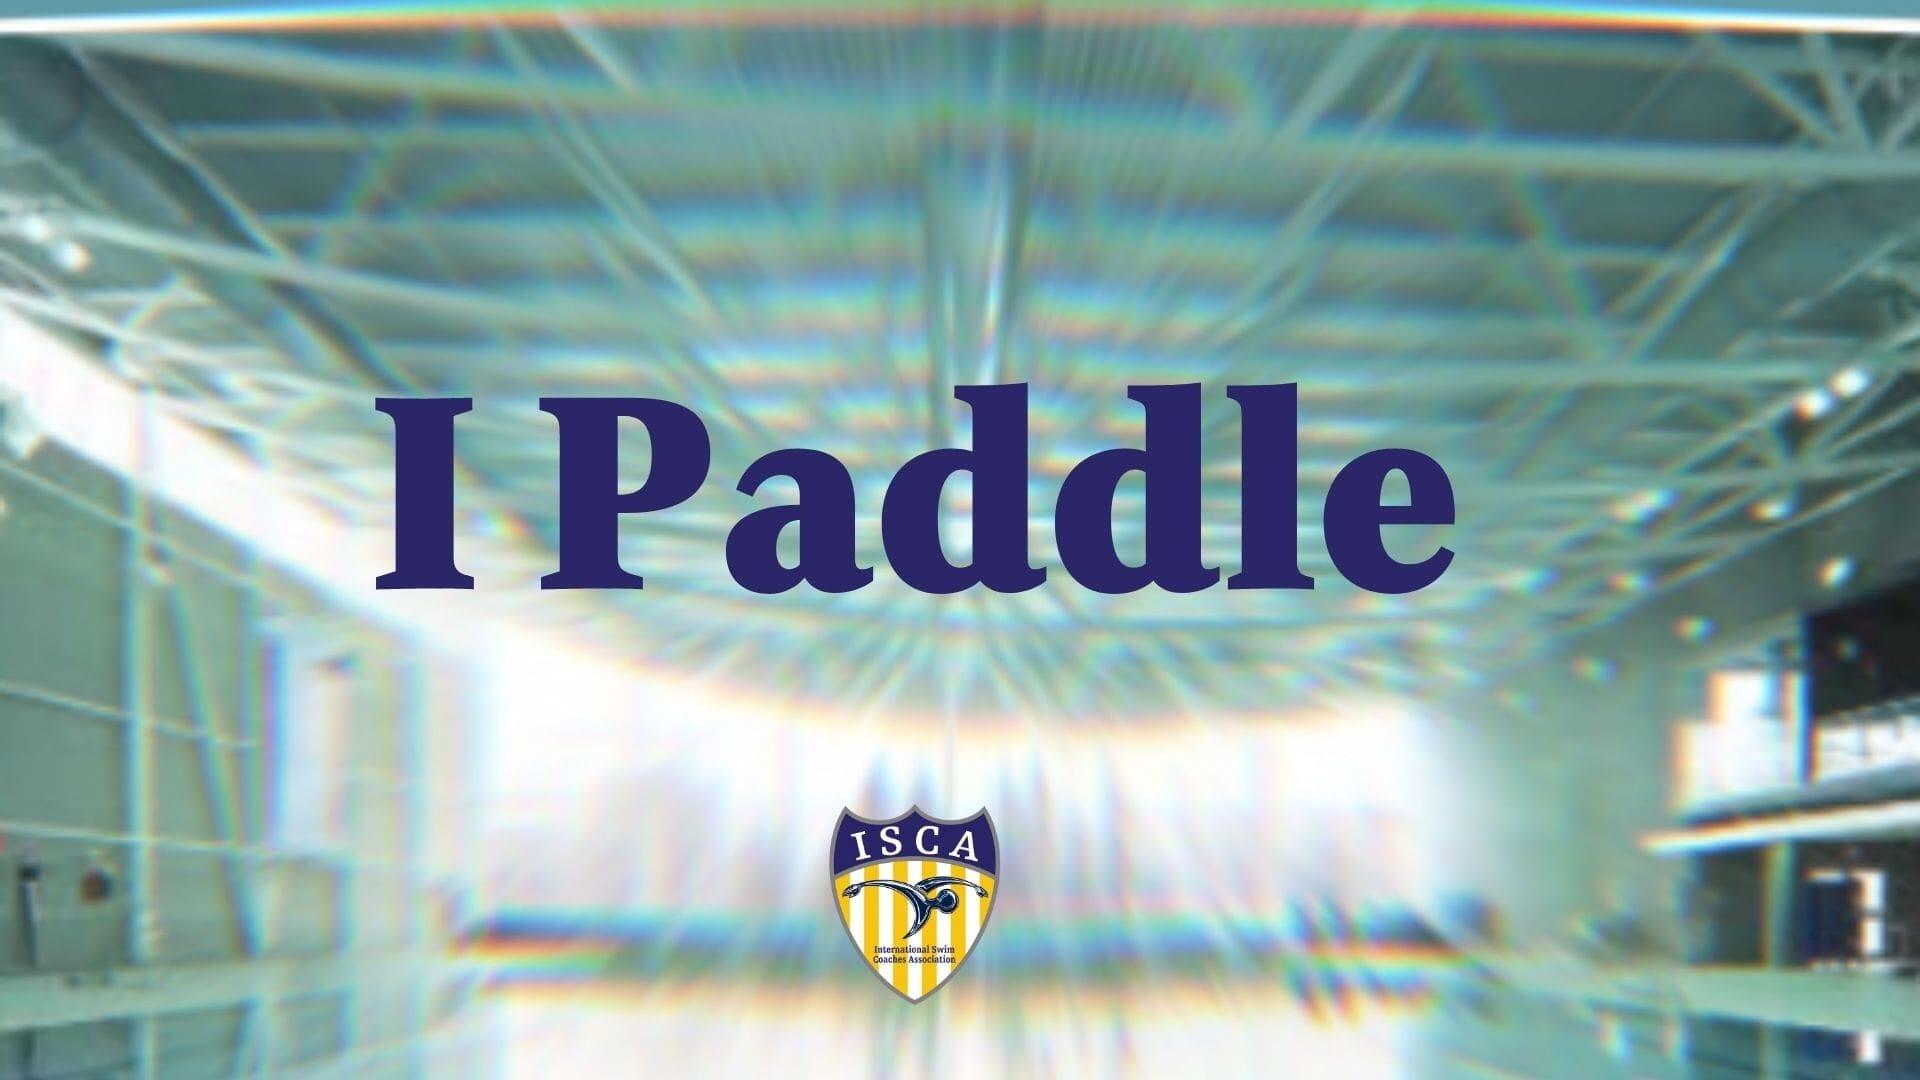 I Paddle